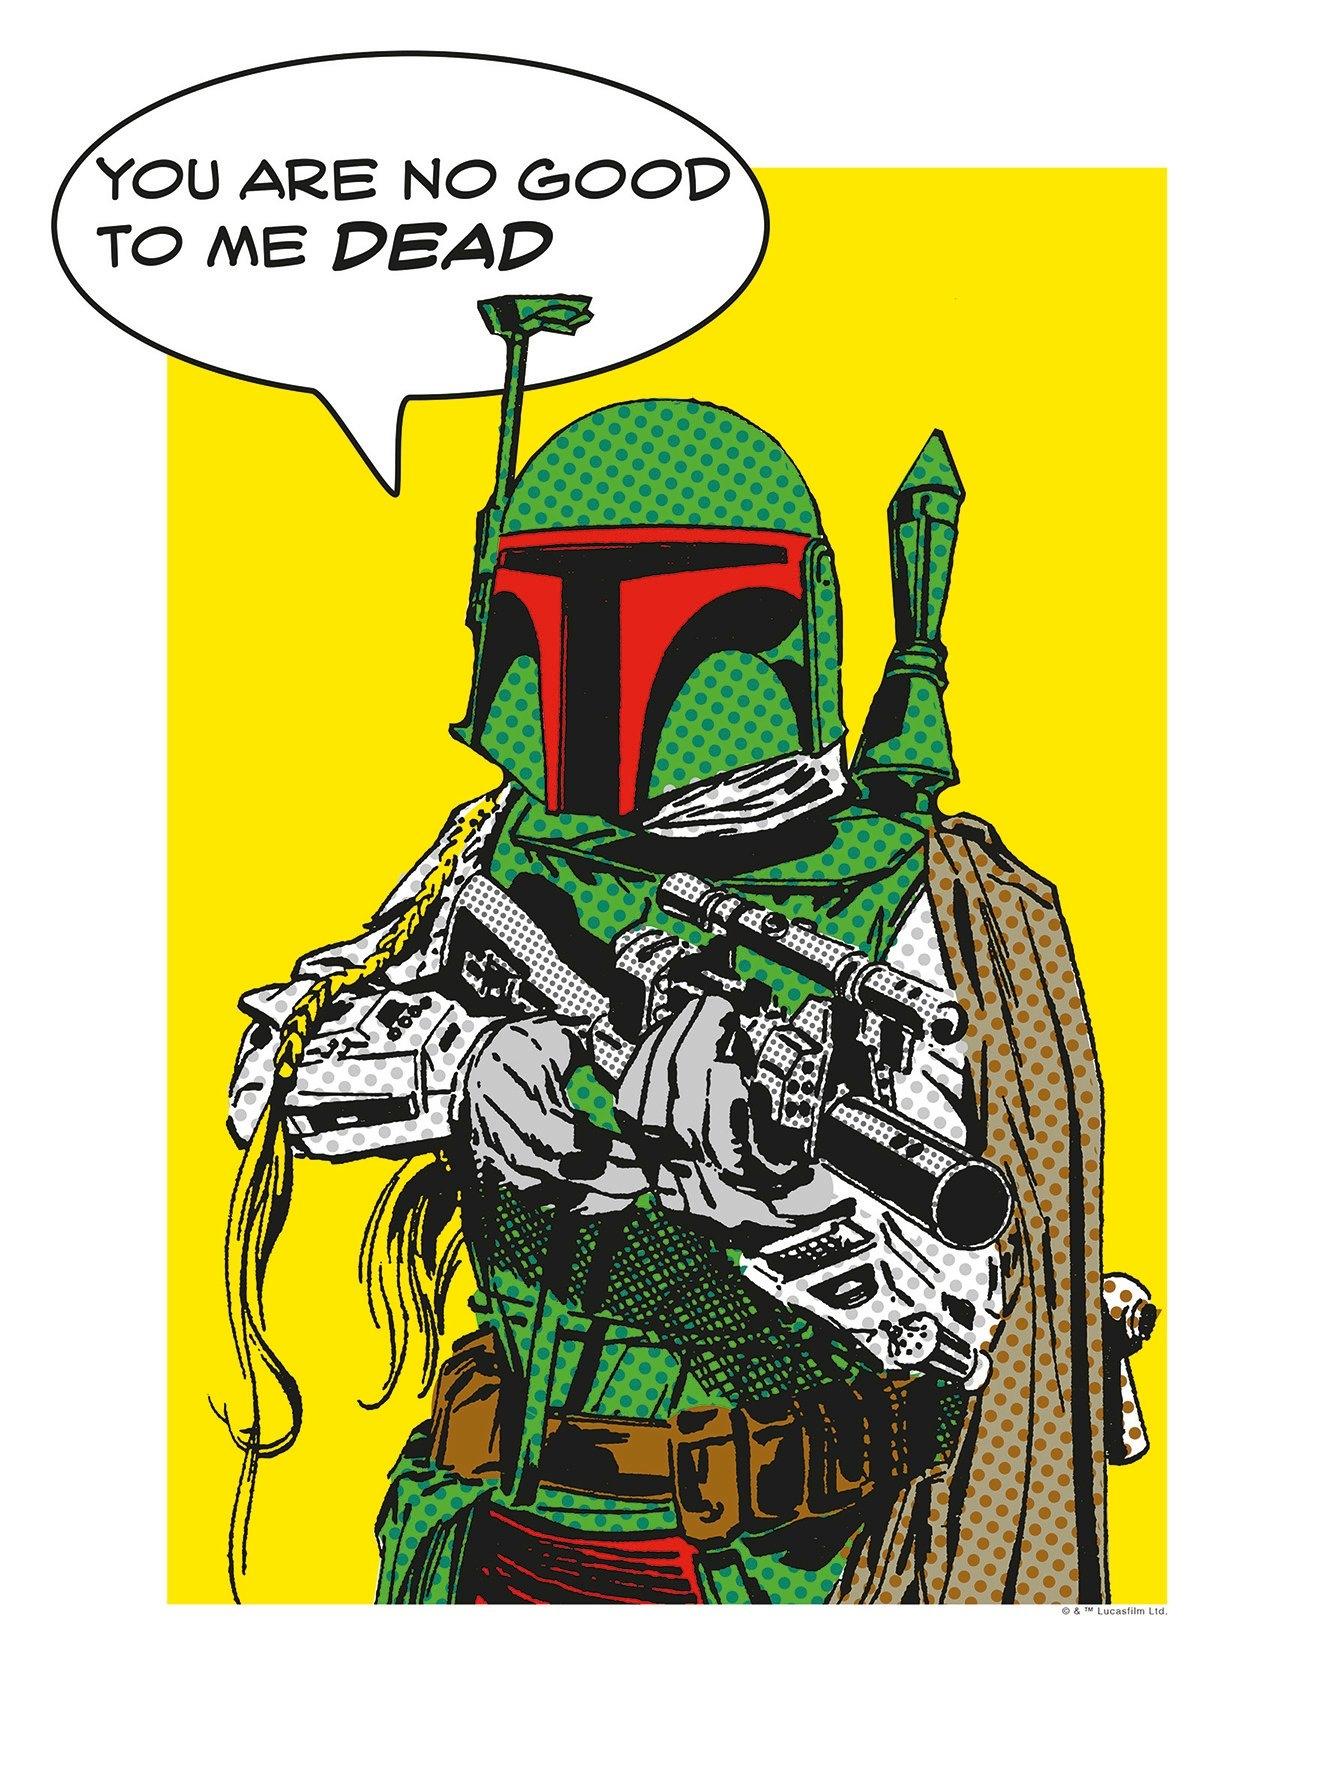 Komar wanddecoratie »Star Wars Classic Comic Quote Boba_Fett«, zonder lijst goedkoop op otto.nl kopen